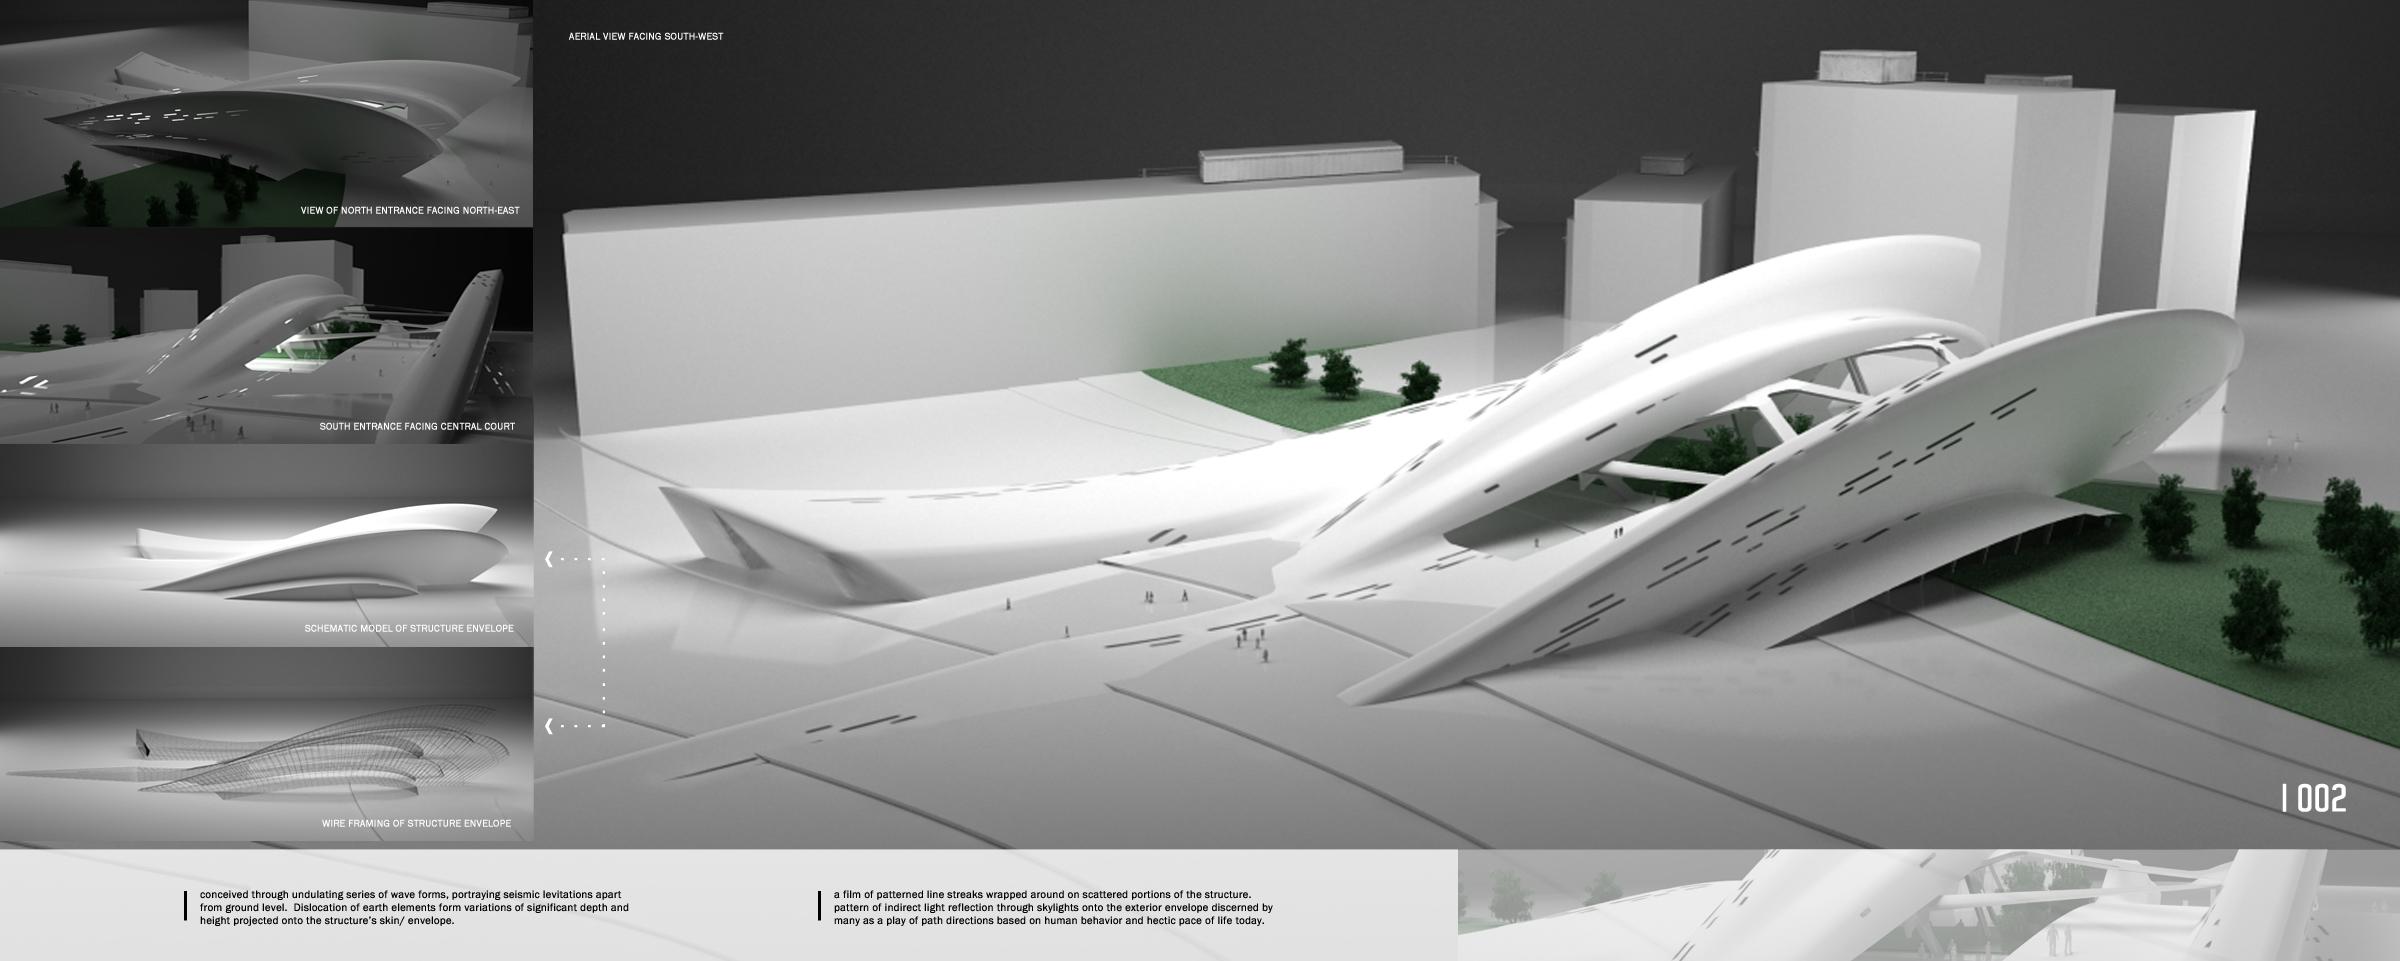 Transit concept design by arch franz josef m gutierrez for Pavilion concept architecture